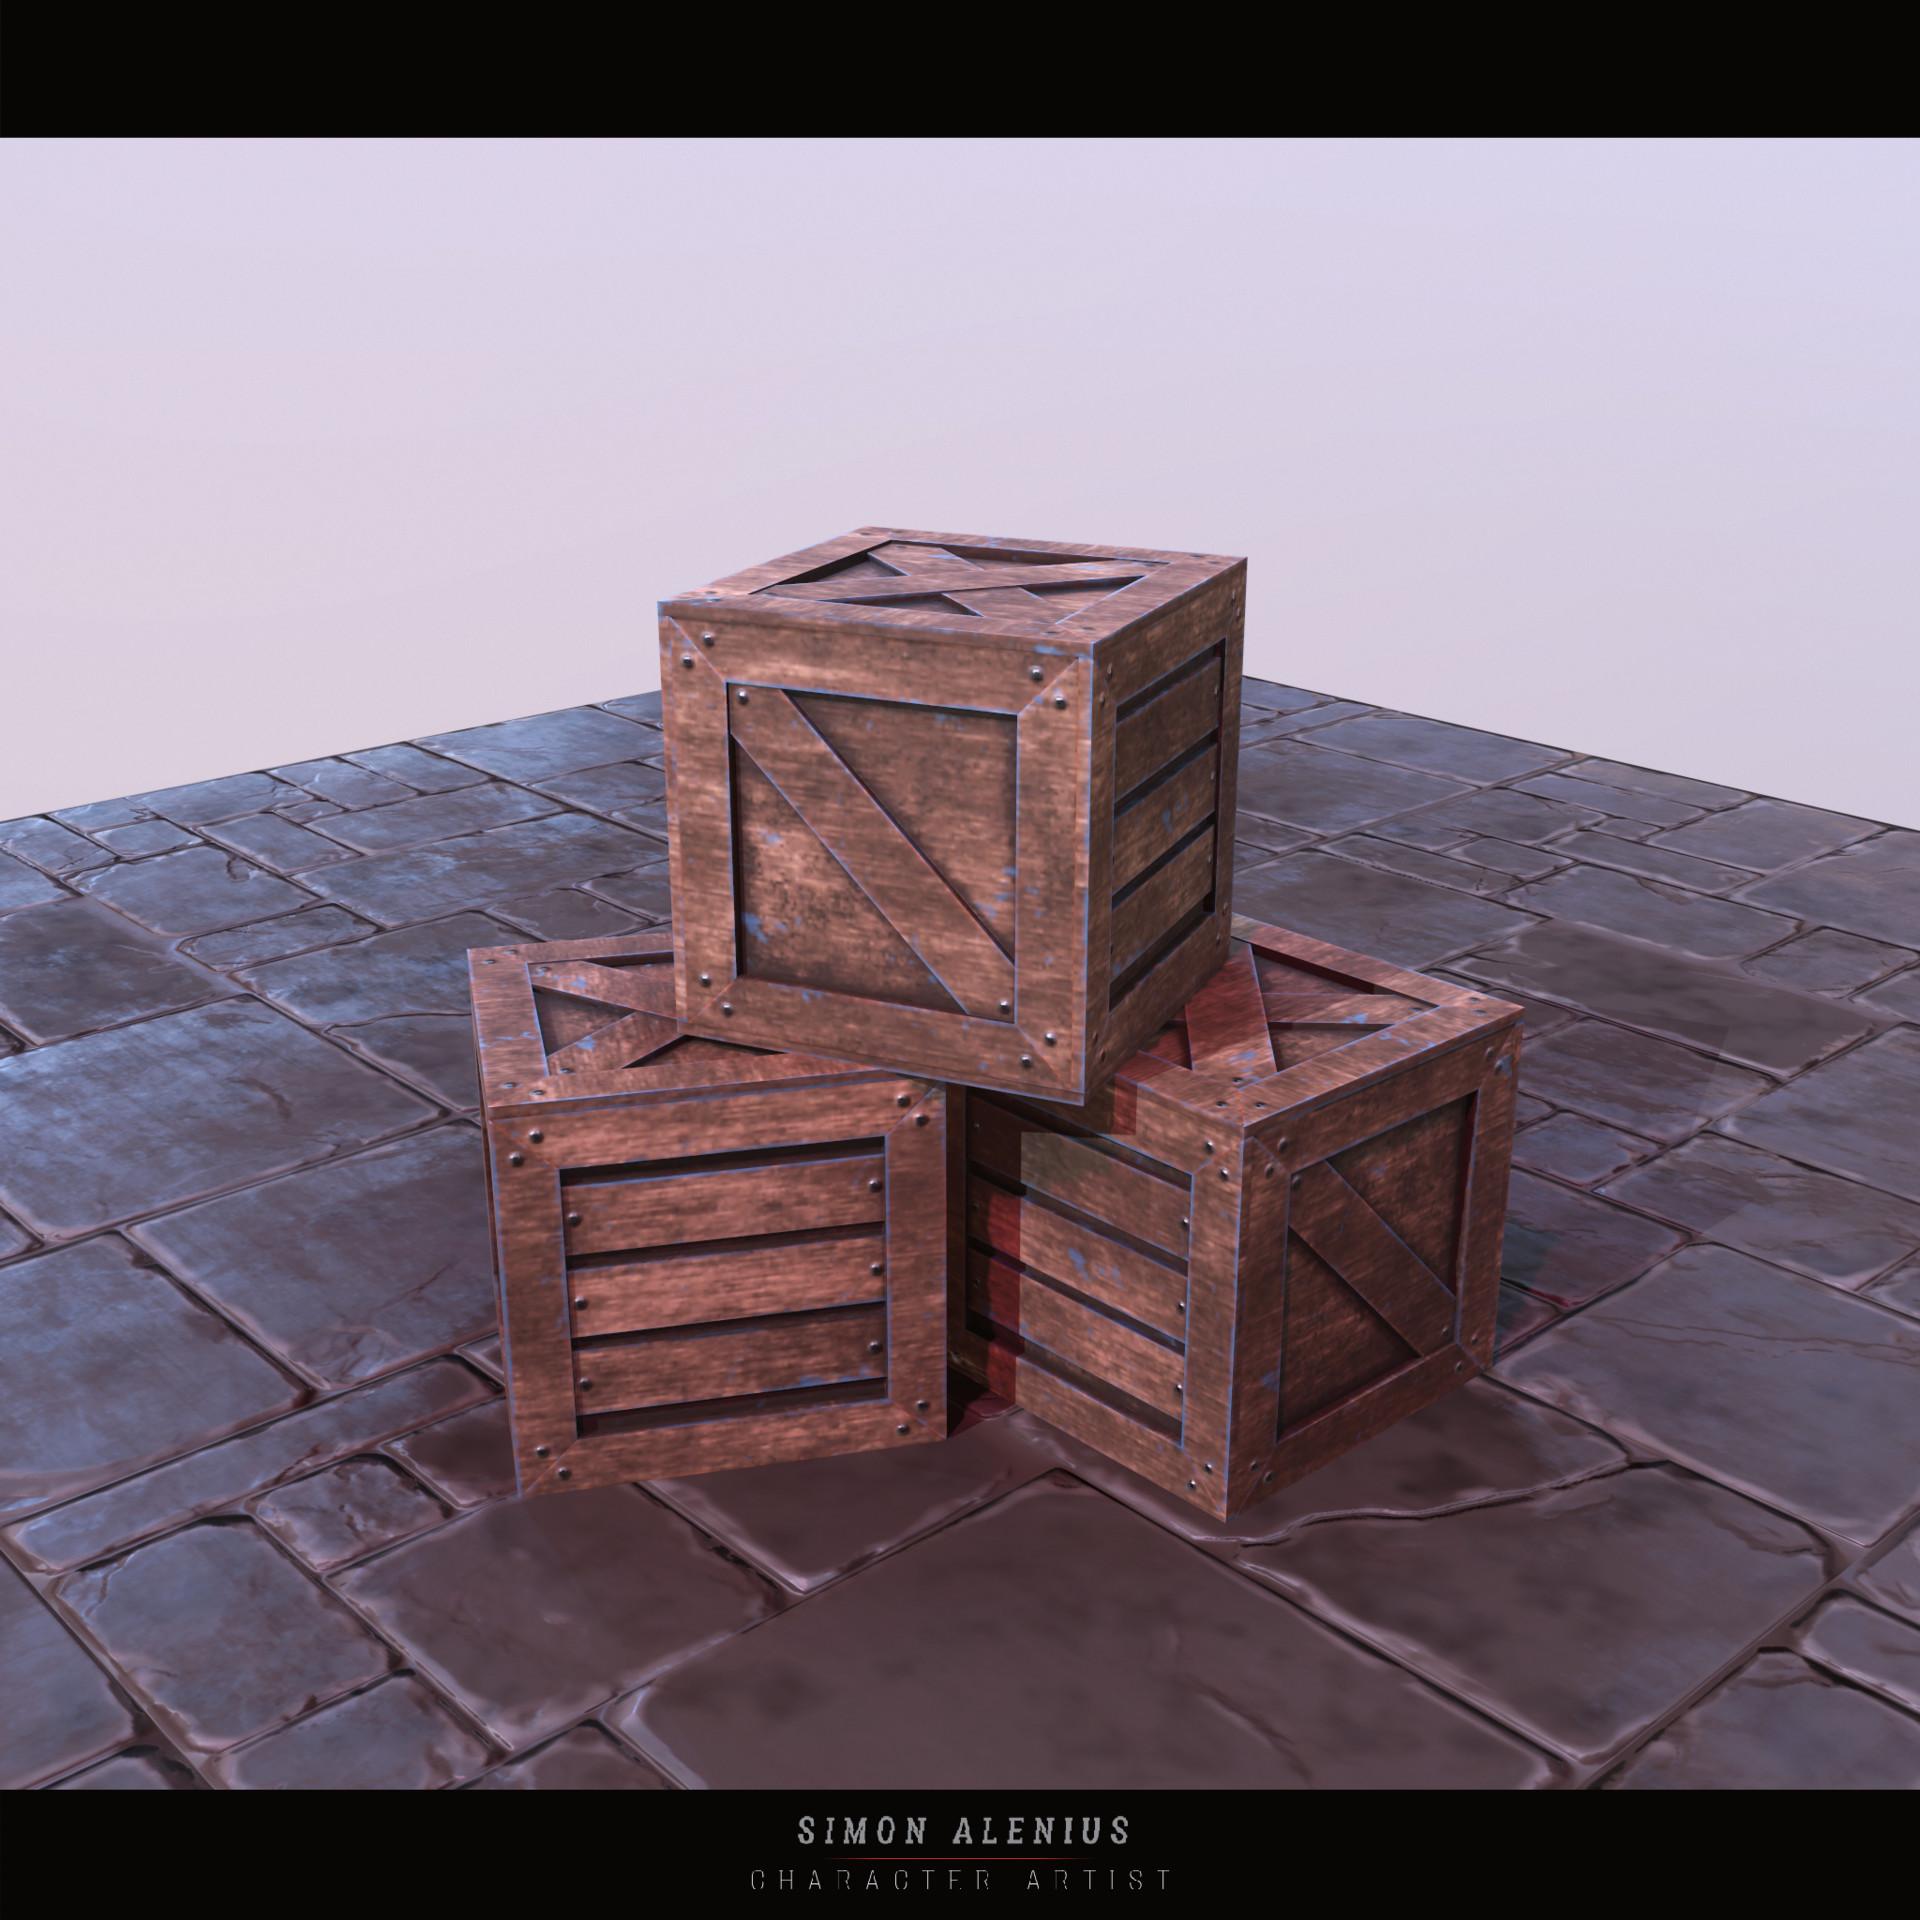 Simon alenius crates01